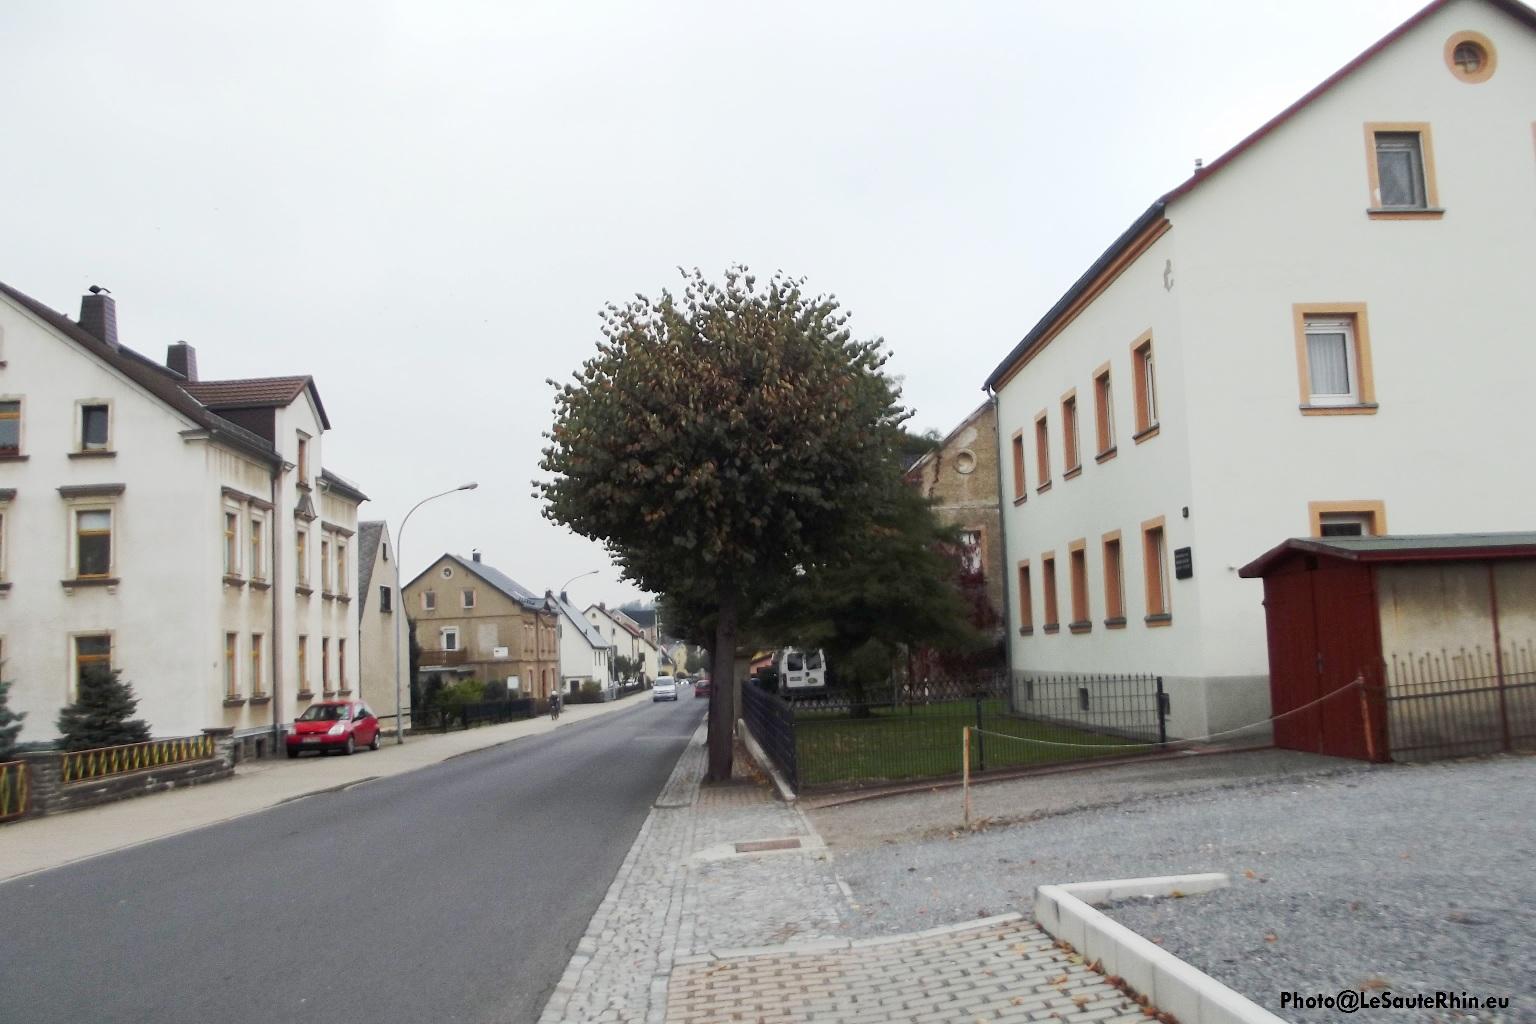 Maison natale de Heiner Müller à Eppendorf en Saxe. Les parents et grands parents occupaient le premier étage.